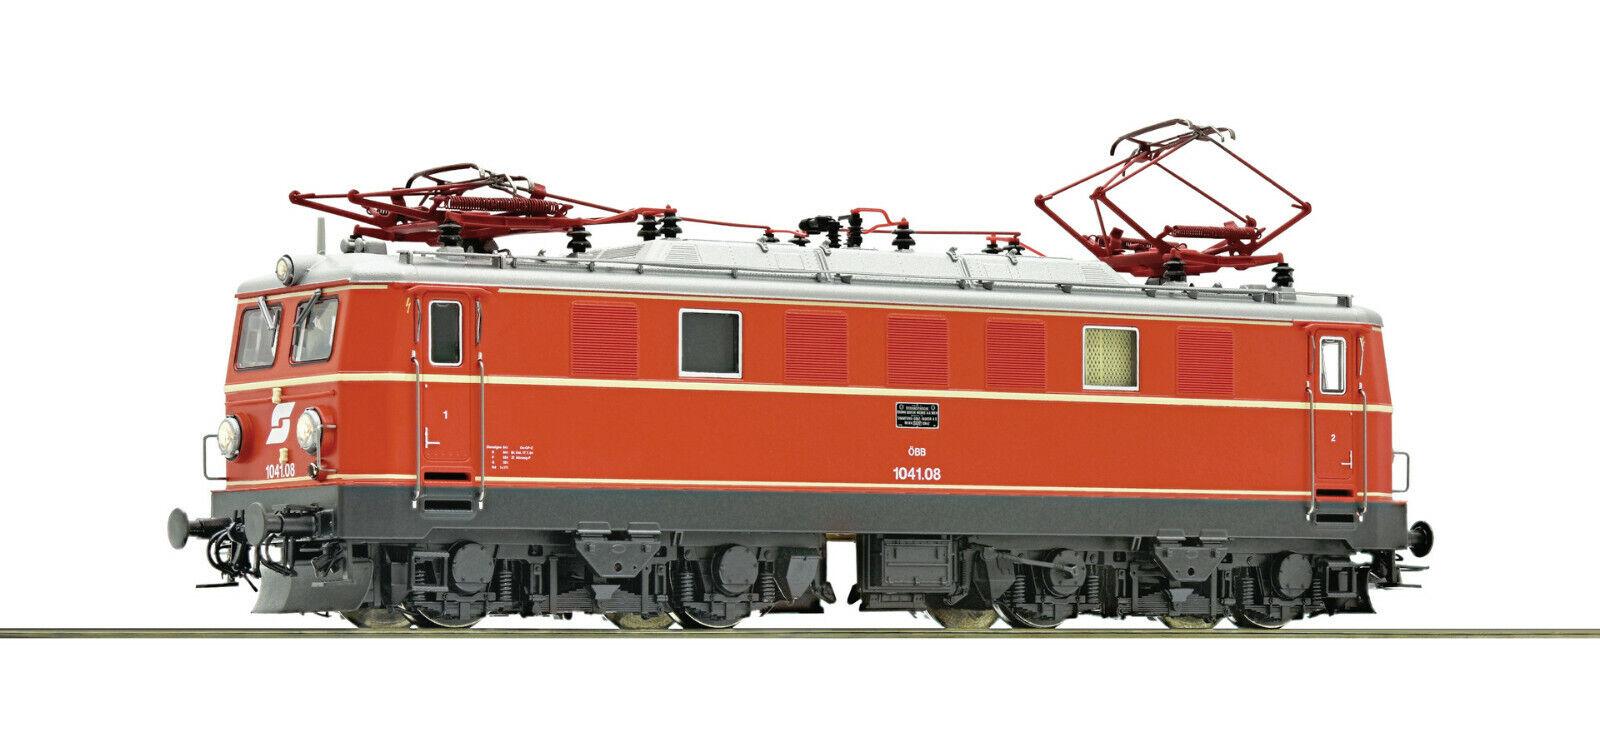 ROCO 73092 elektrolokomotive delle ÖBB 1041.08 EP. IV NUOVO